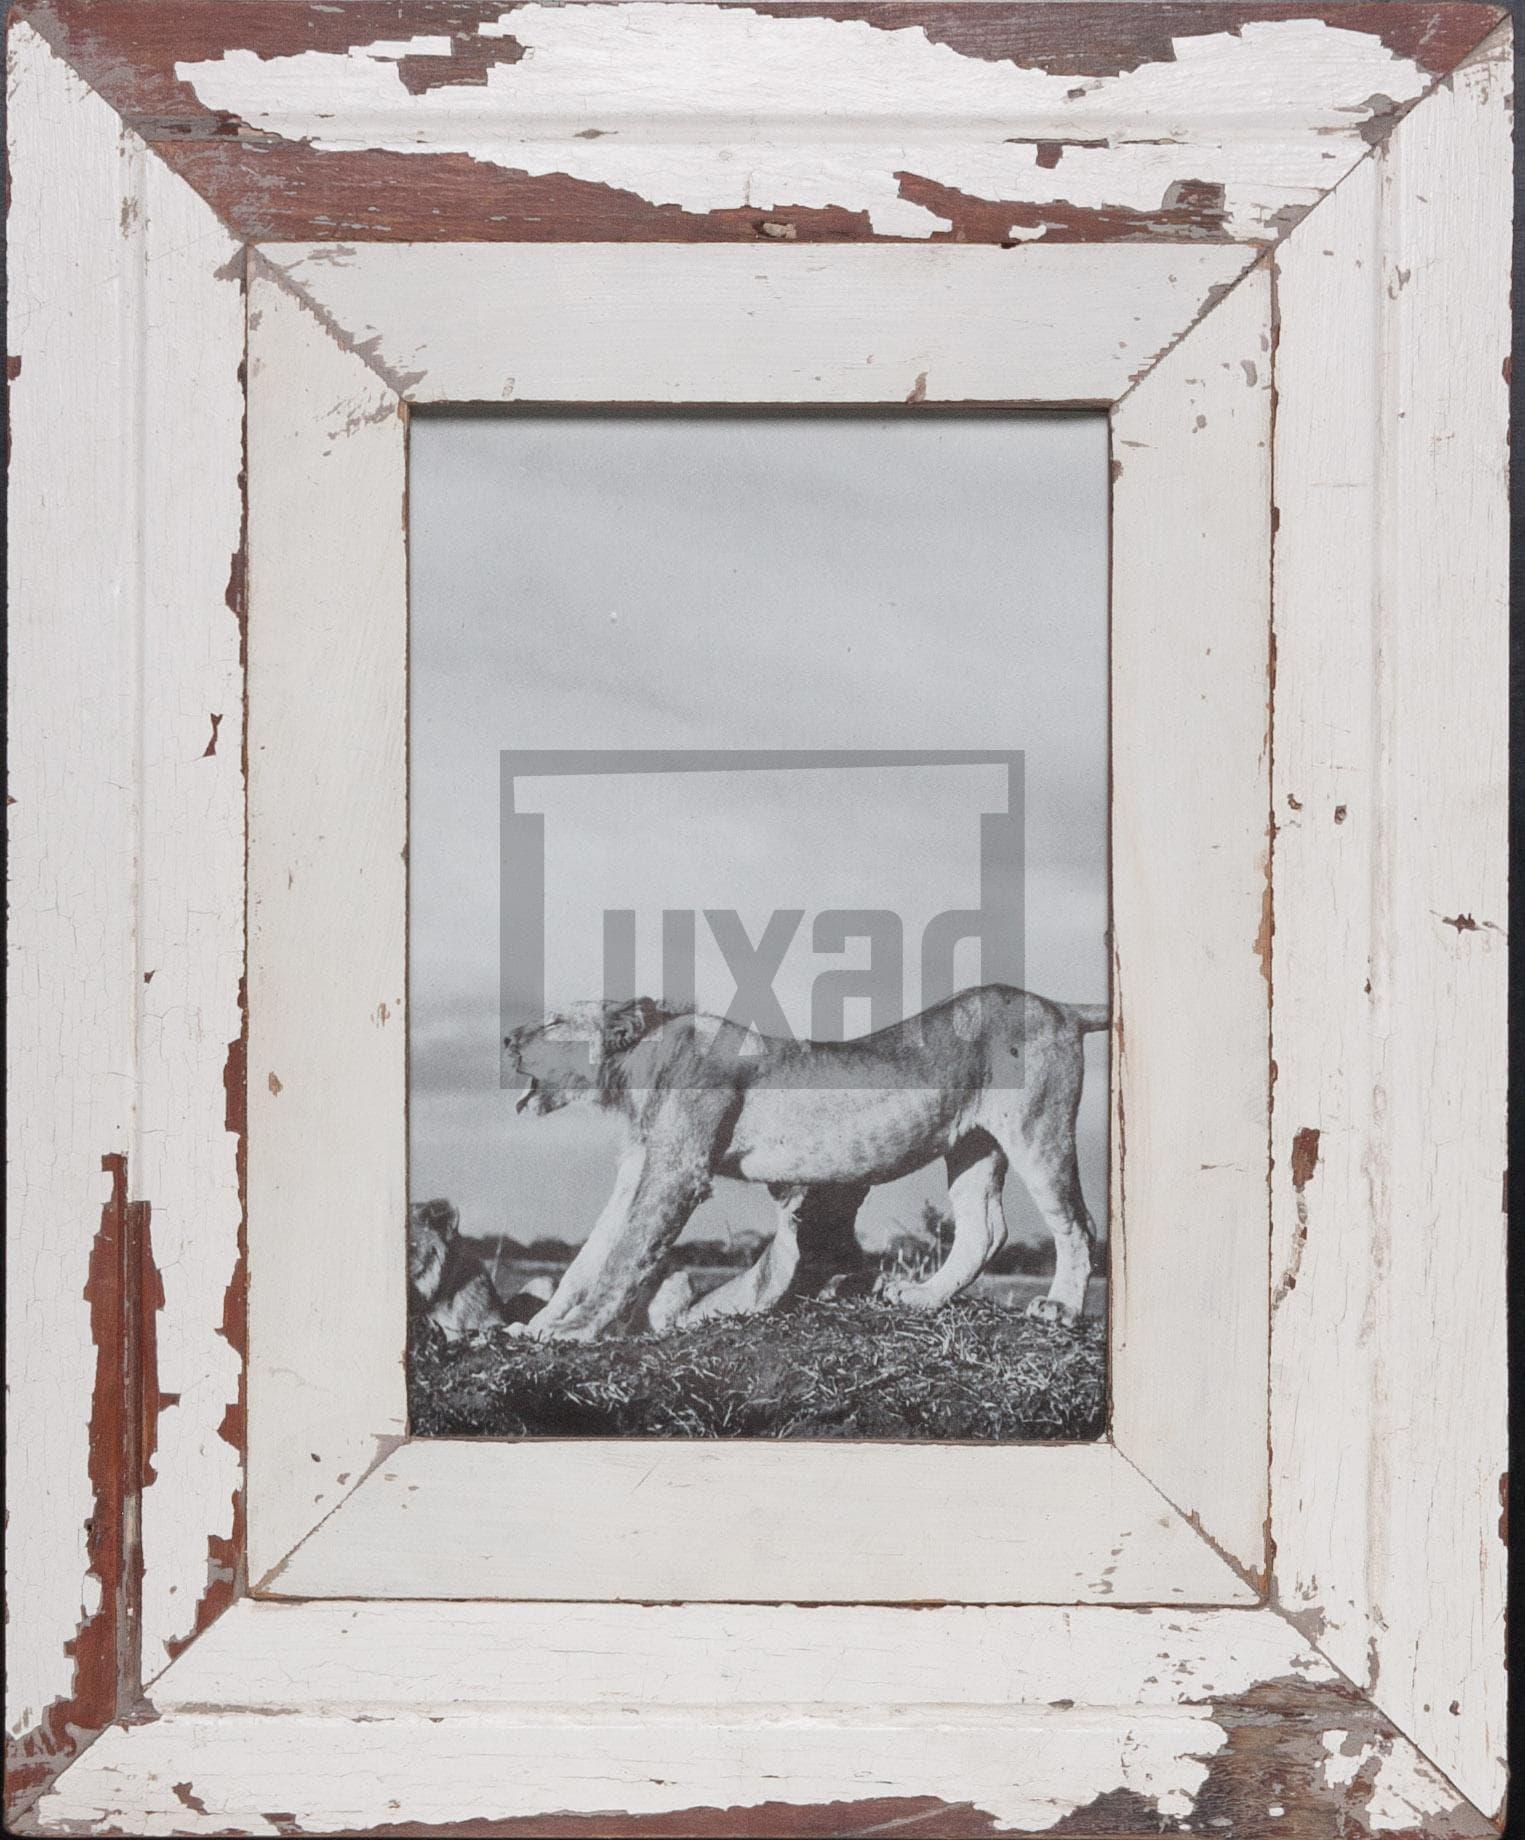 Wechselrahmen aus alten, breiten Holzleisten für ca. 23 x 32 cm Bildformat